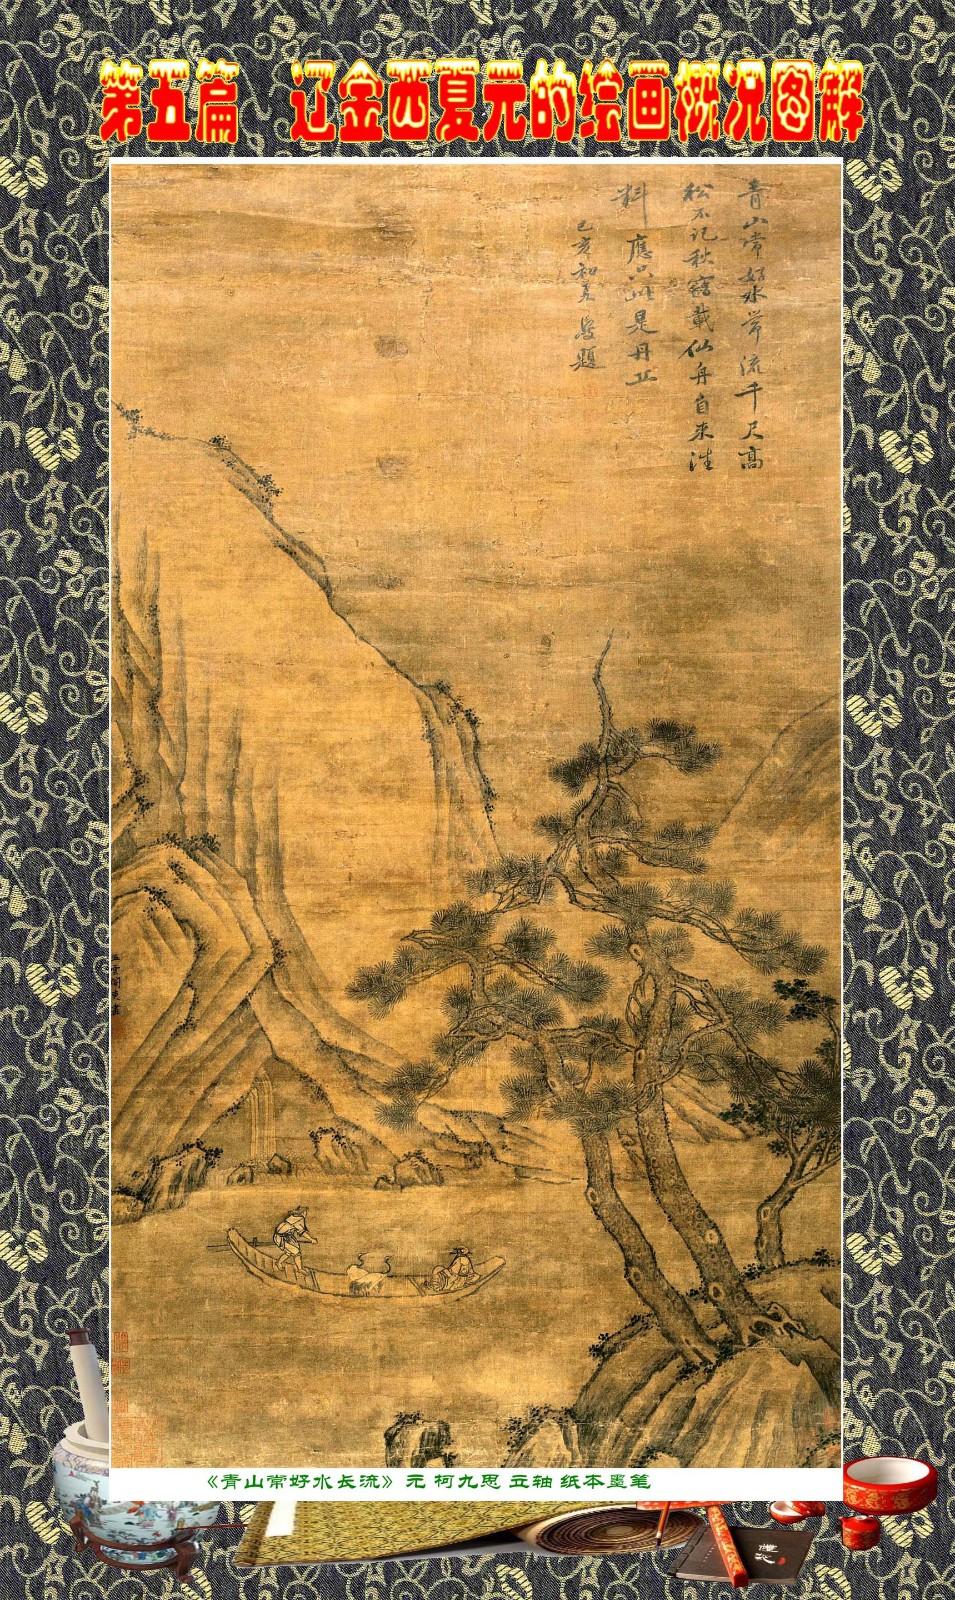 顾绍骅编辑 中国画知识普及版 第五篇 辽金西夏元的绘画概况 下 ... ..._图1-9